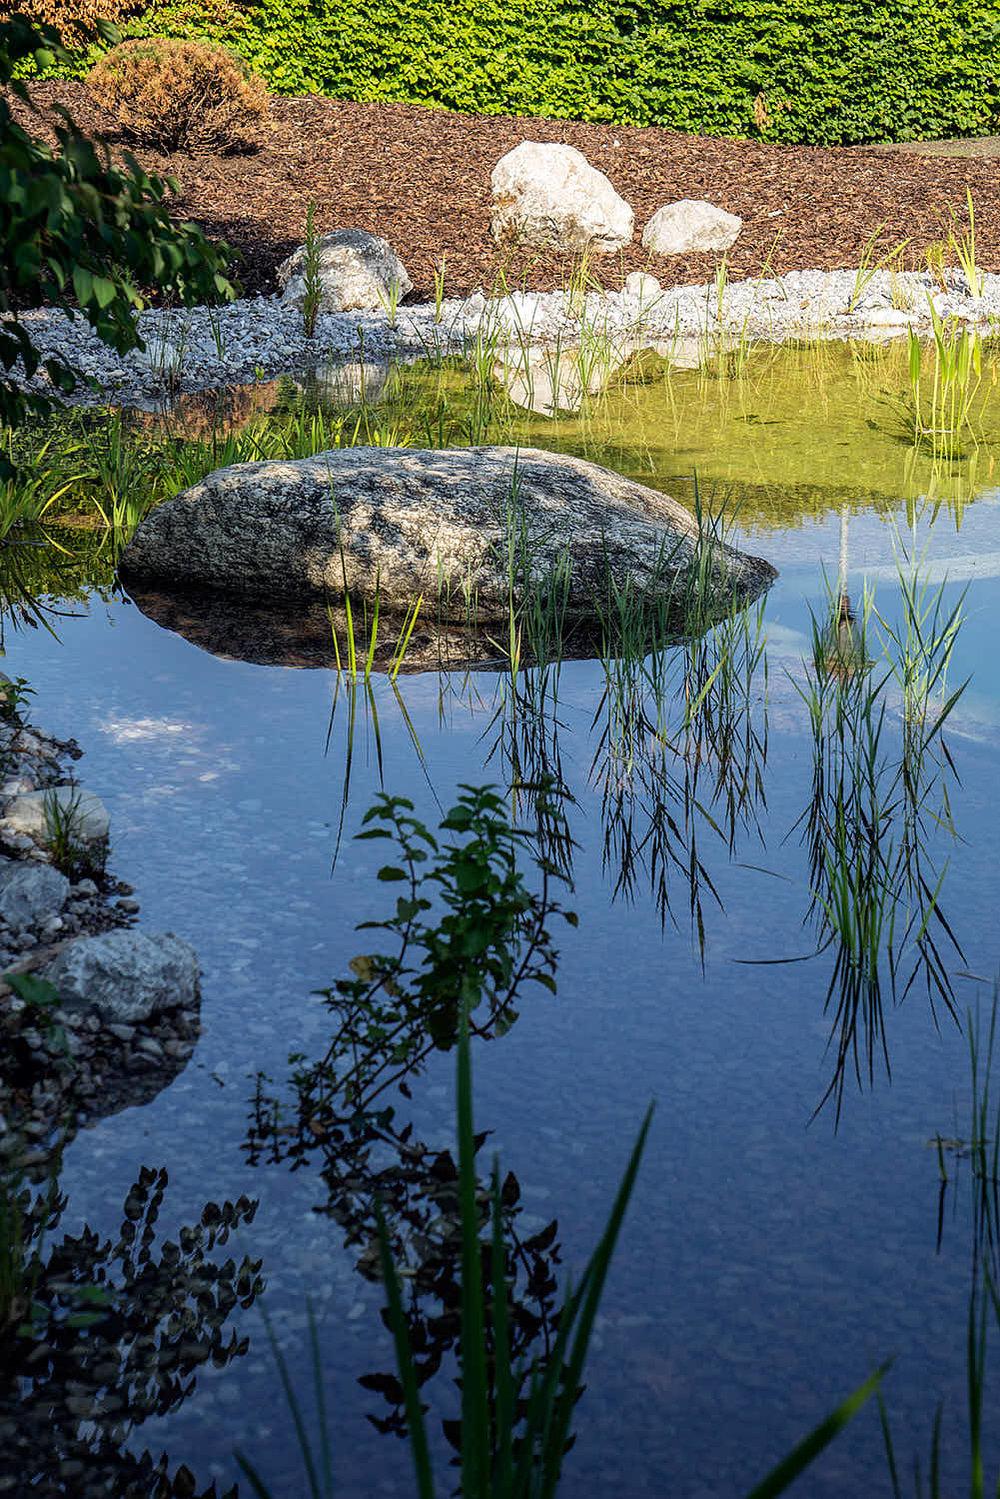 Epp-Gartenbau-Teich-2-169.jpg